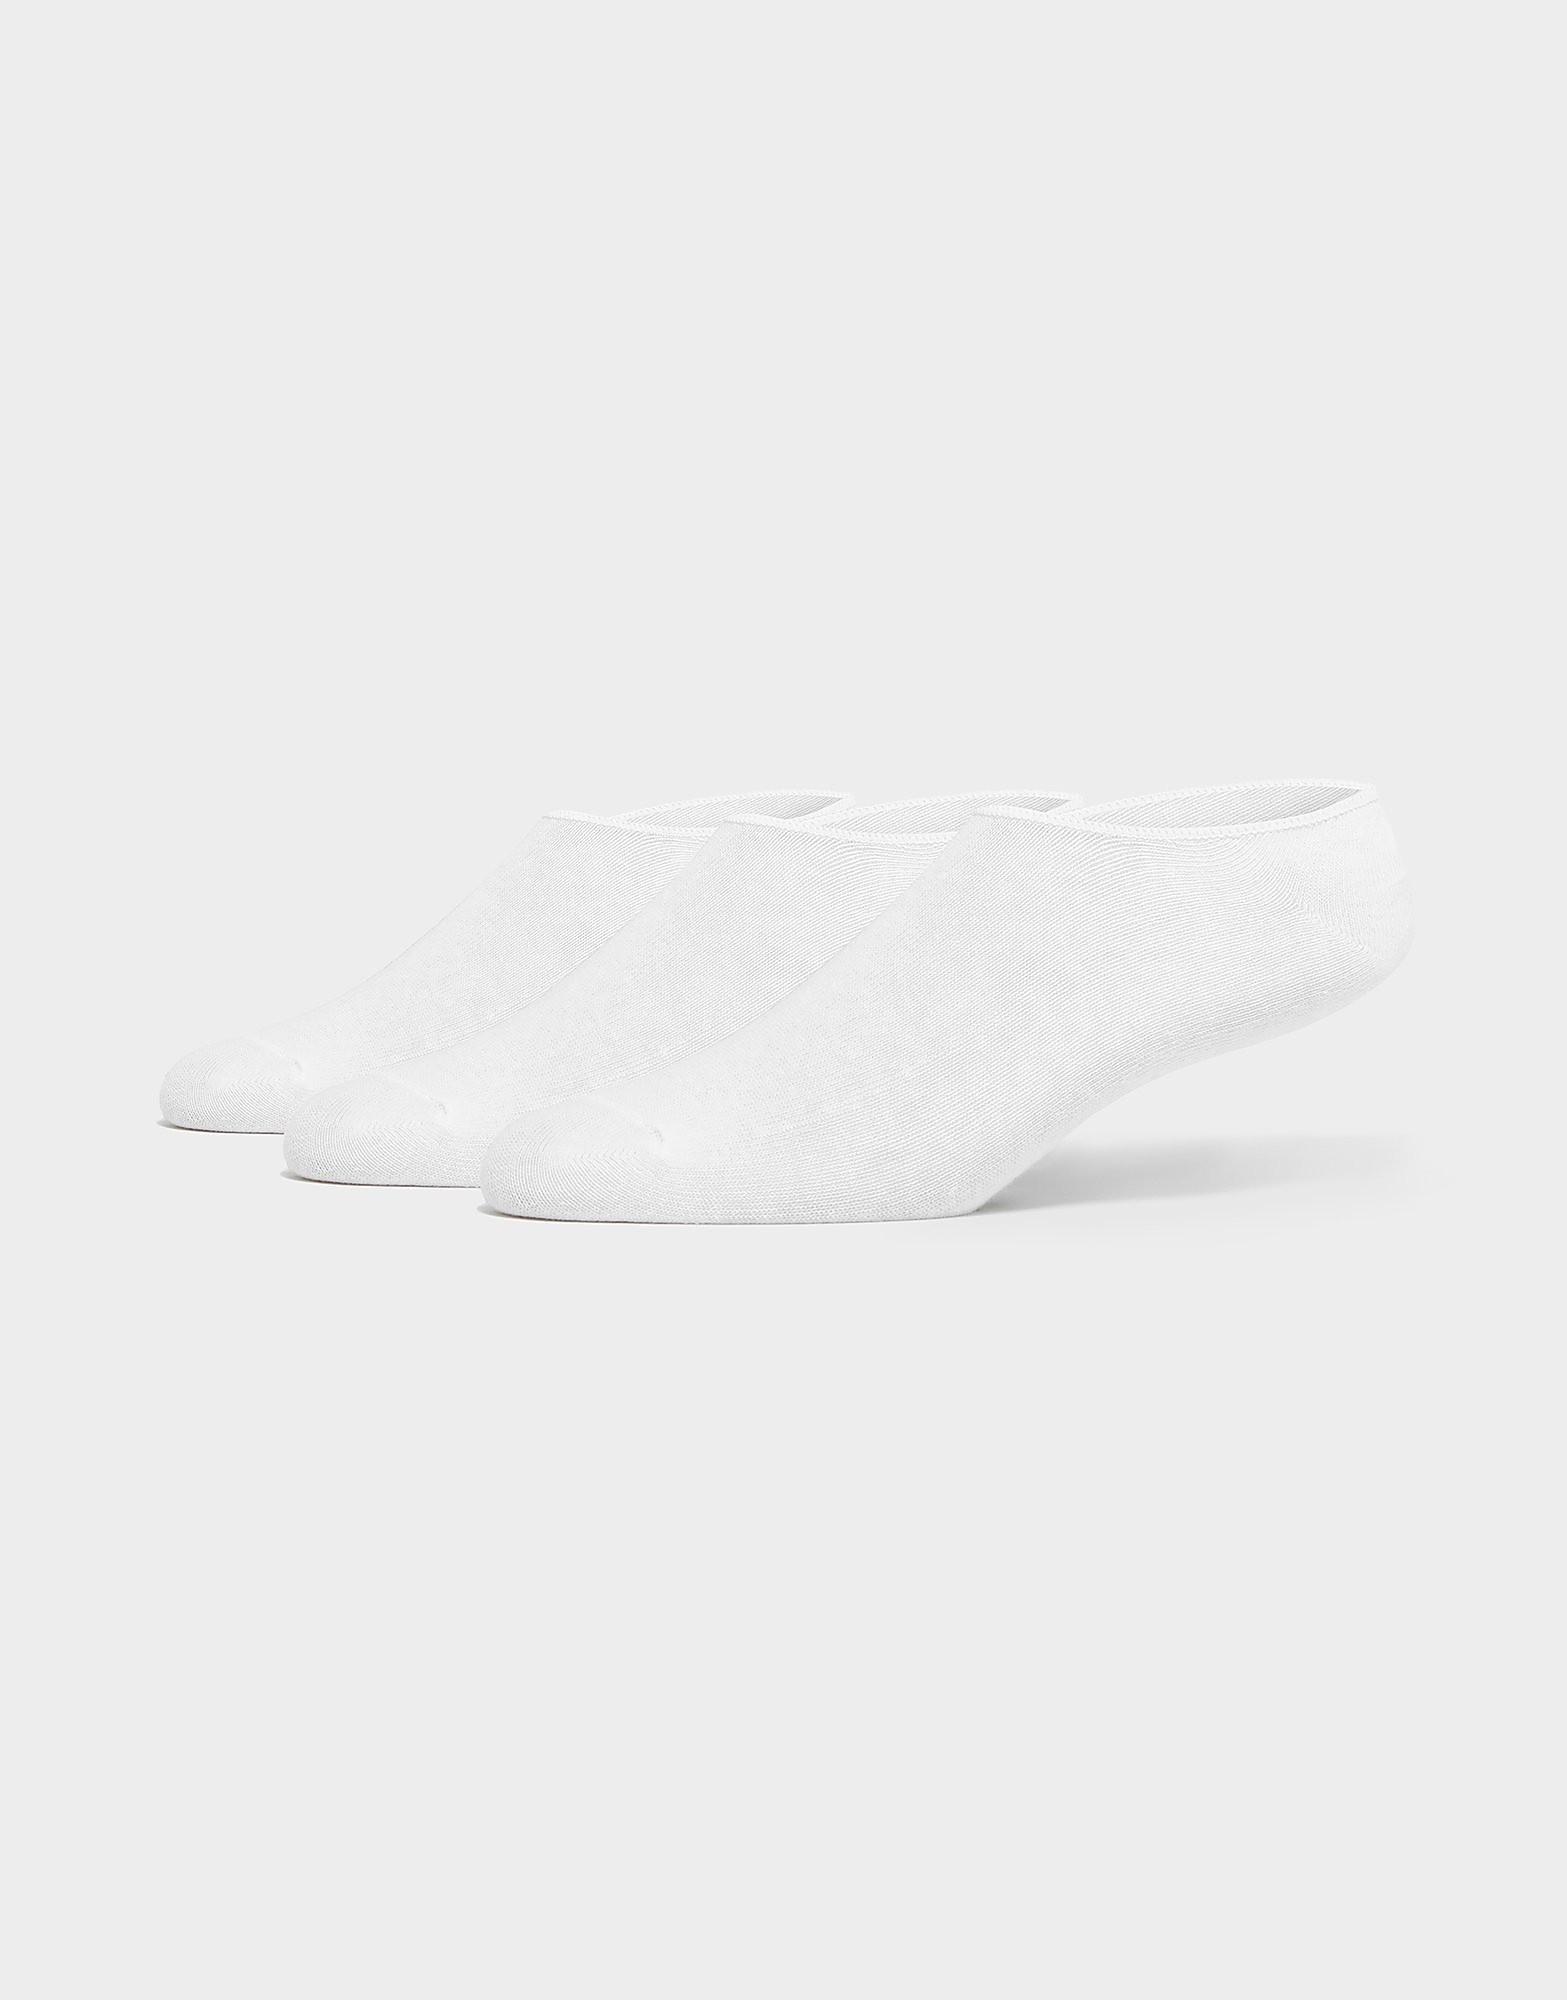 McKenzie Lot de 3paires de chaussettes invisibles